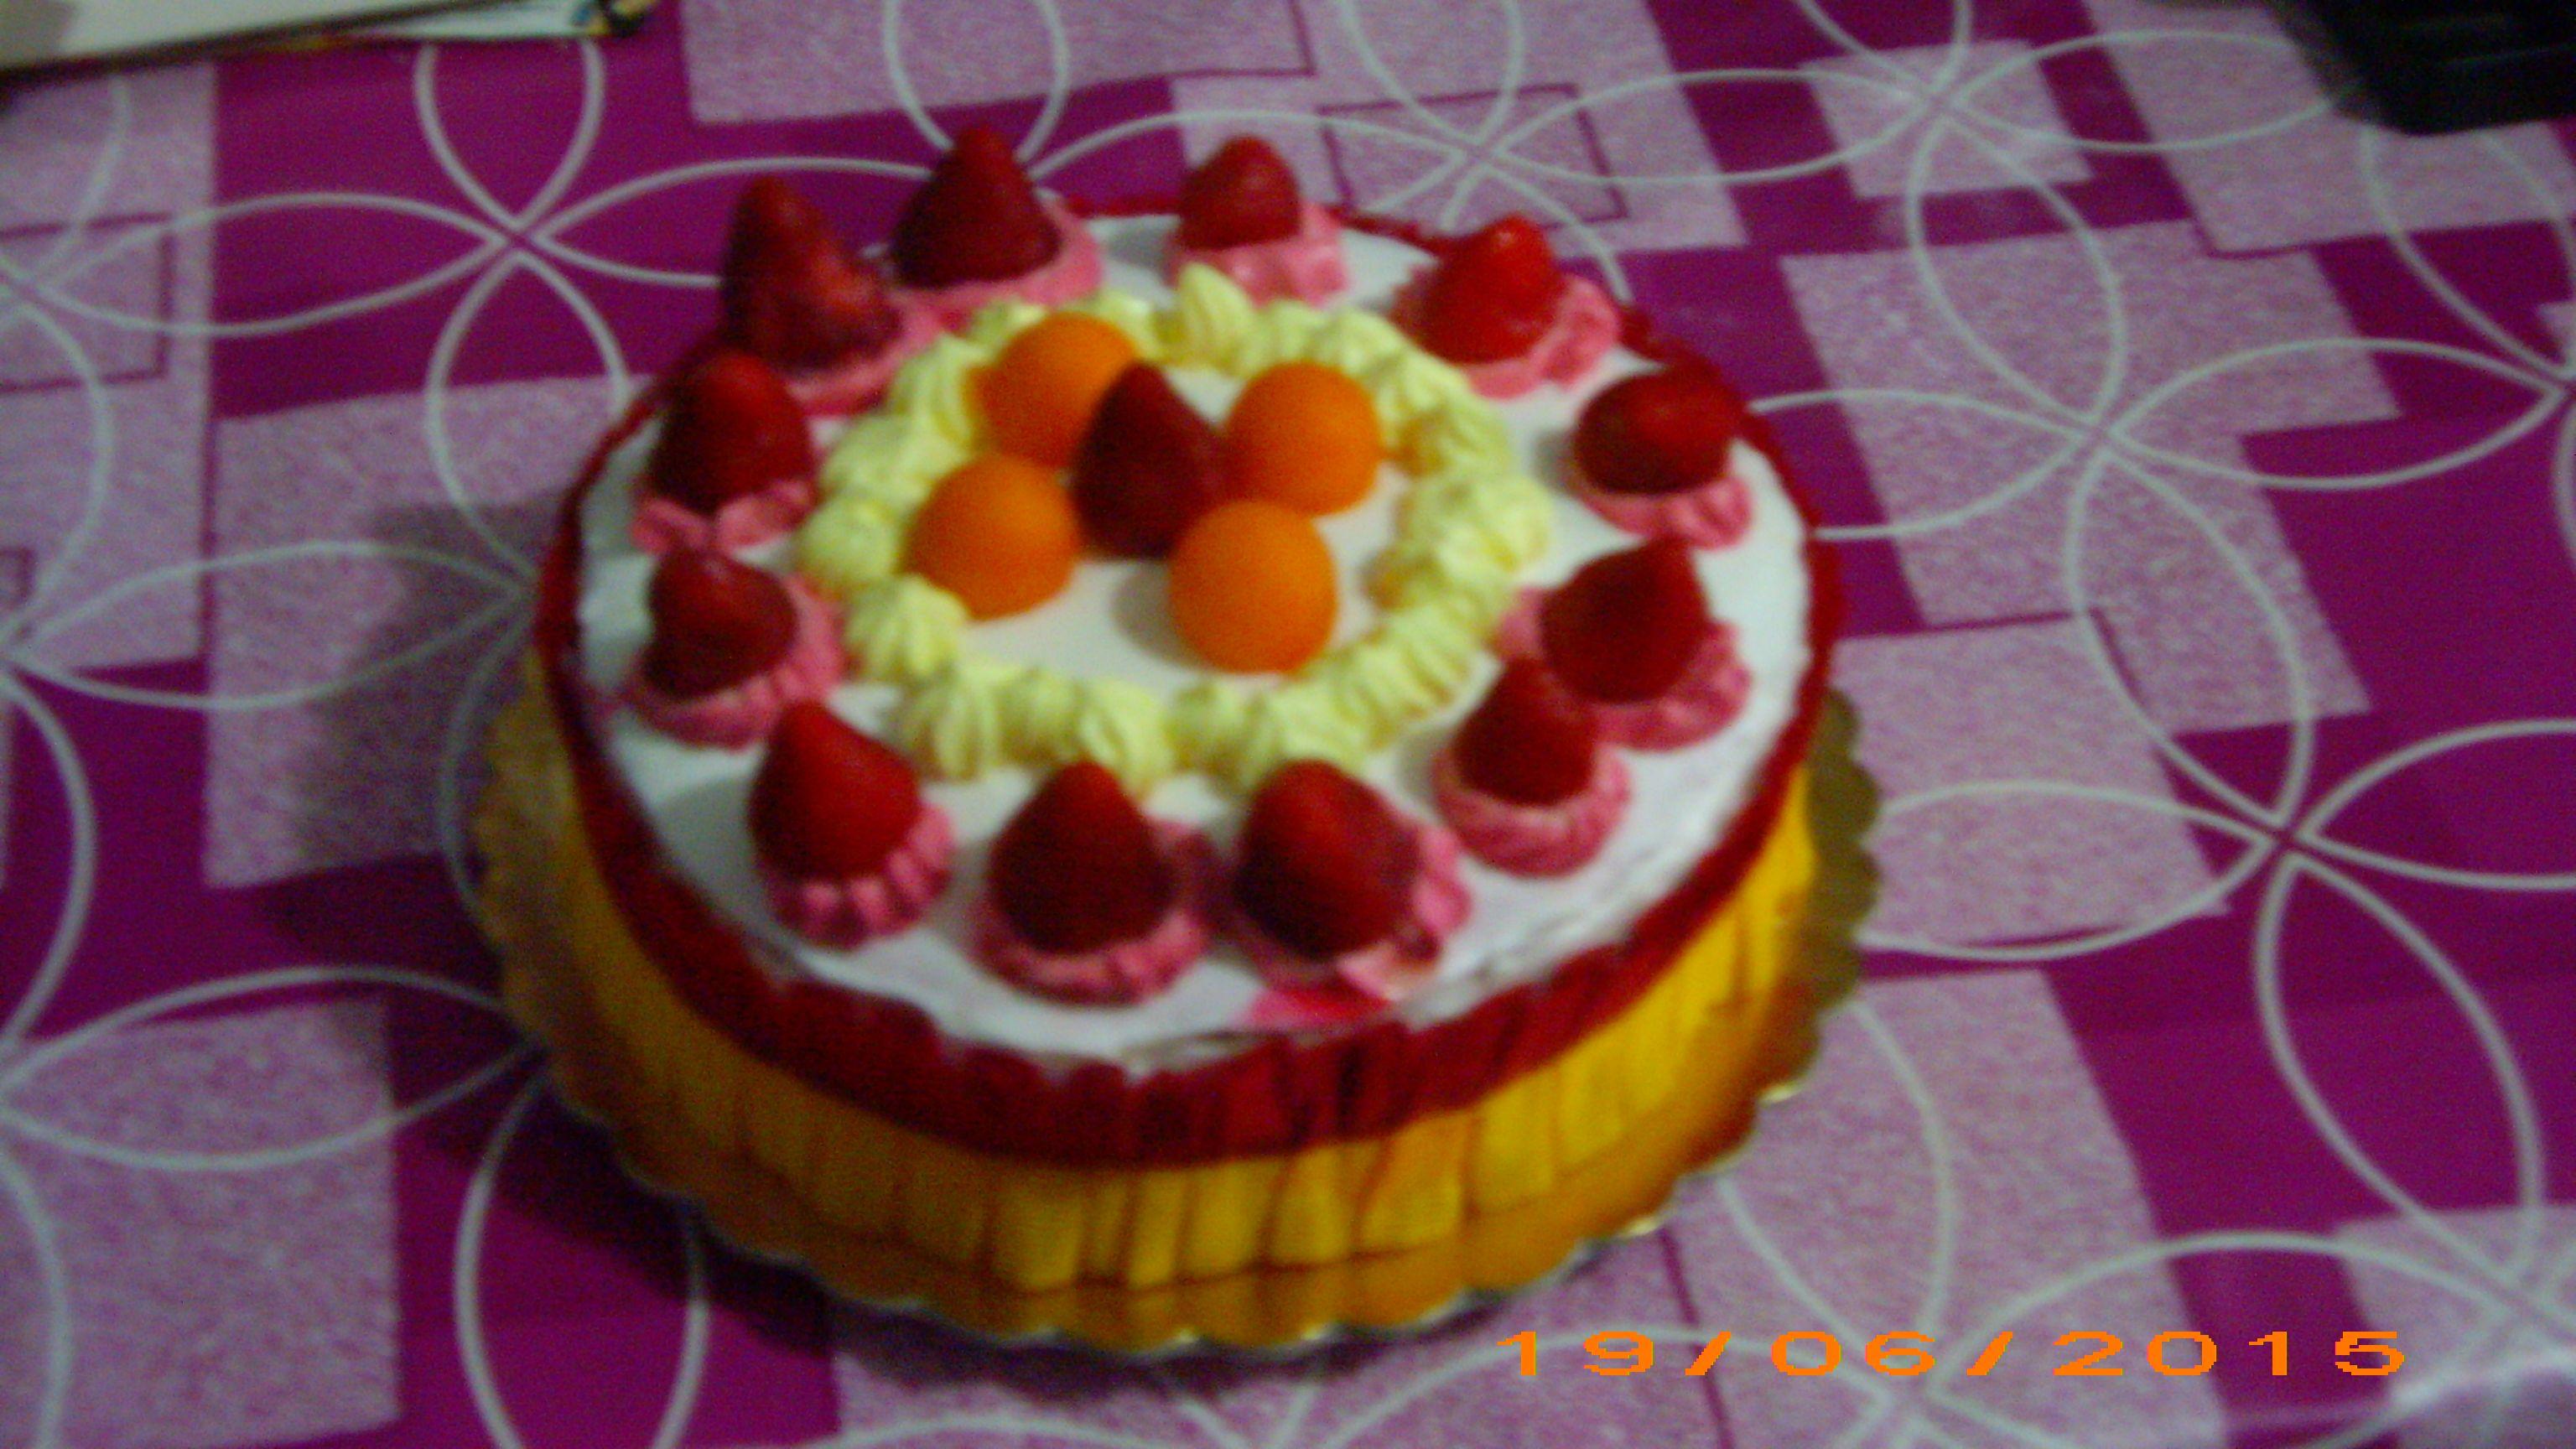 Bavarese al cioccolato bianco e mousse di fragola  e dolceneve e fragole e nastro giallo e rosso e bagna ai frutti rossi.